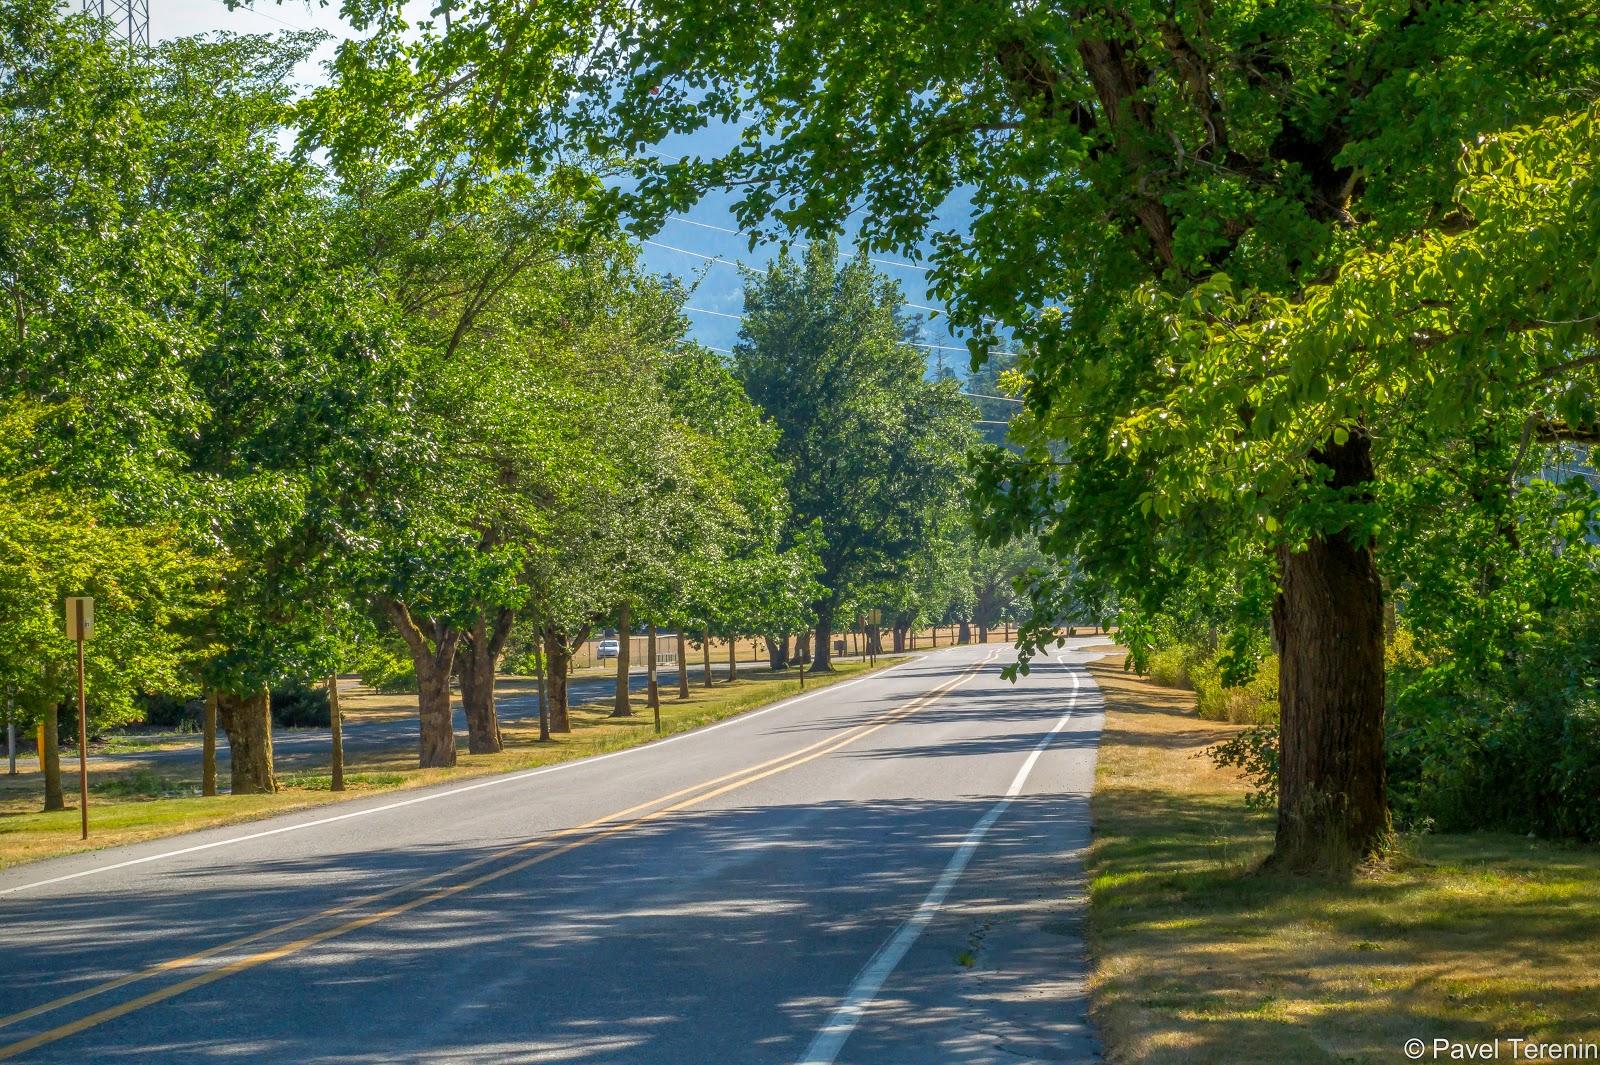 Дорога теперь прямая, с уютными дубовыми посадками по краям.